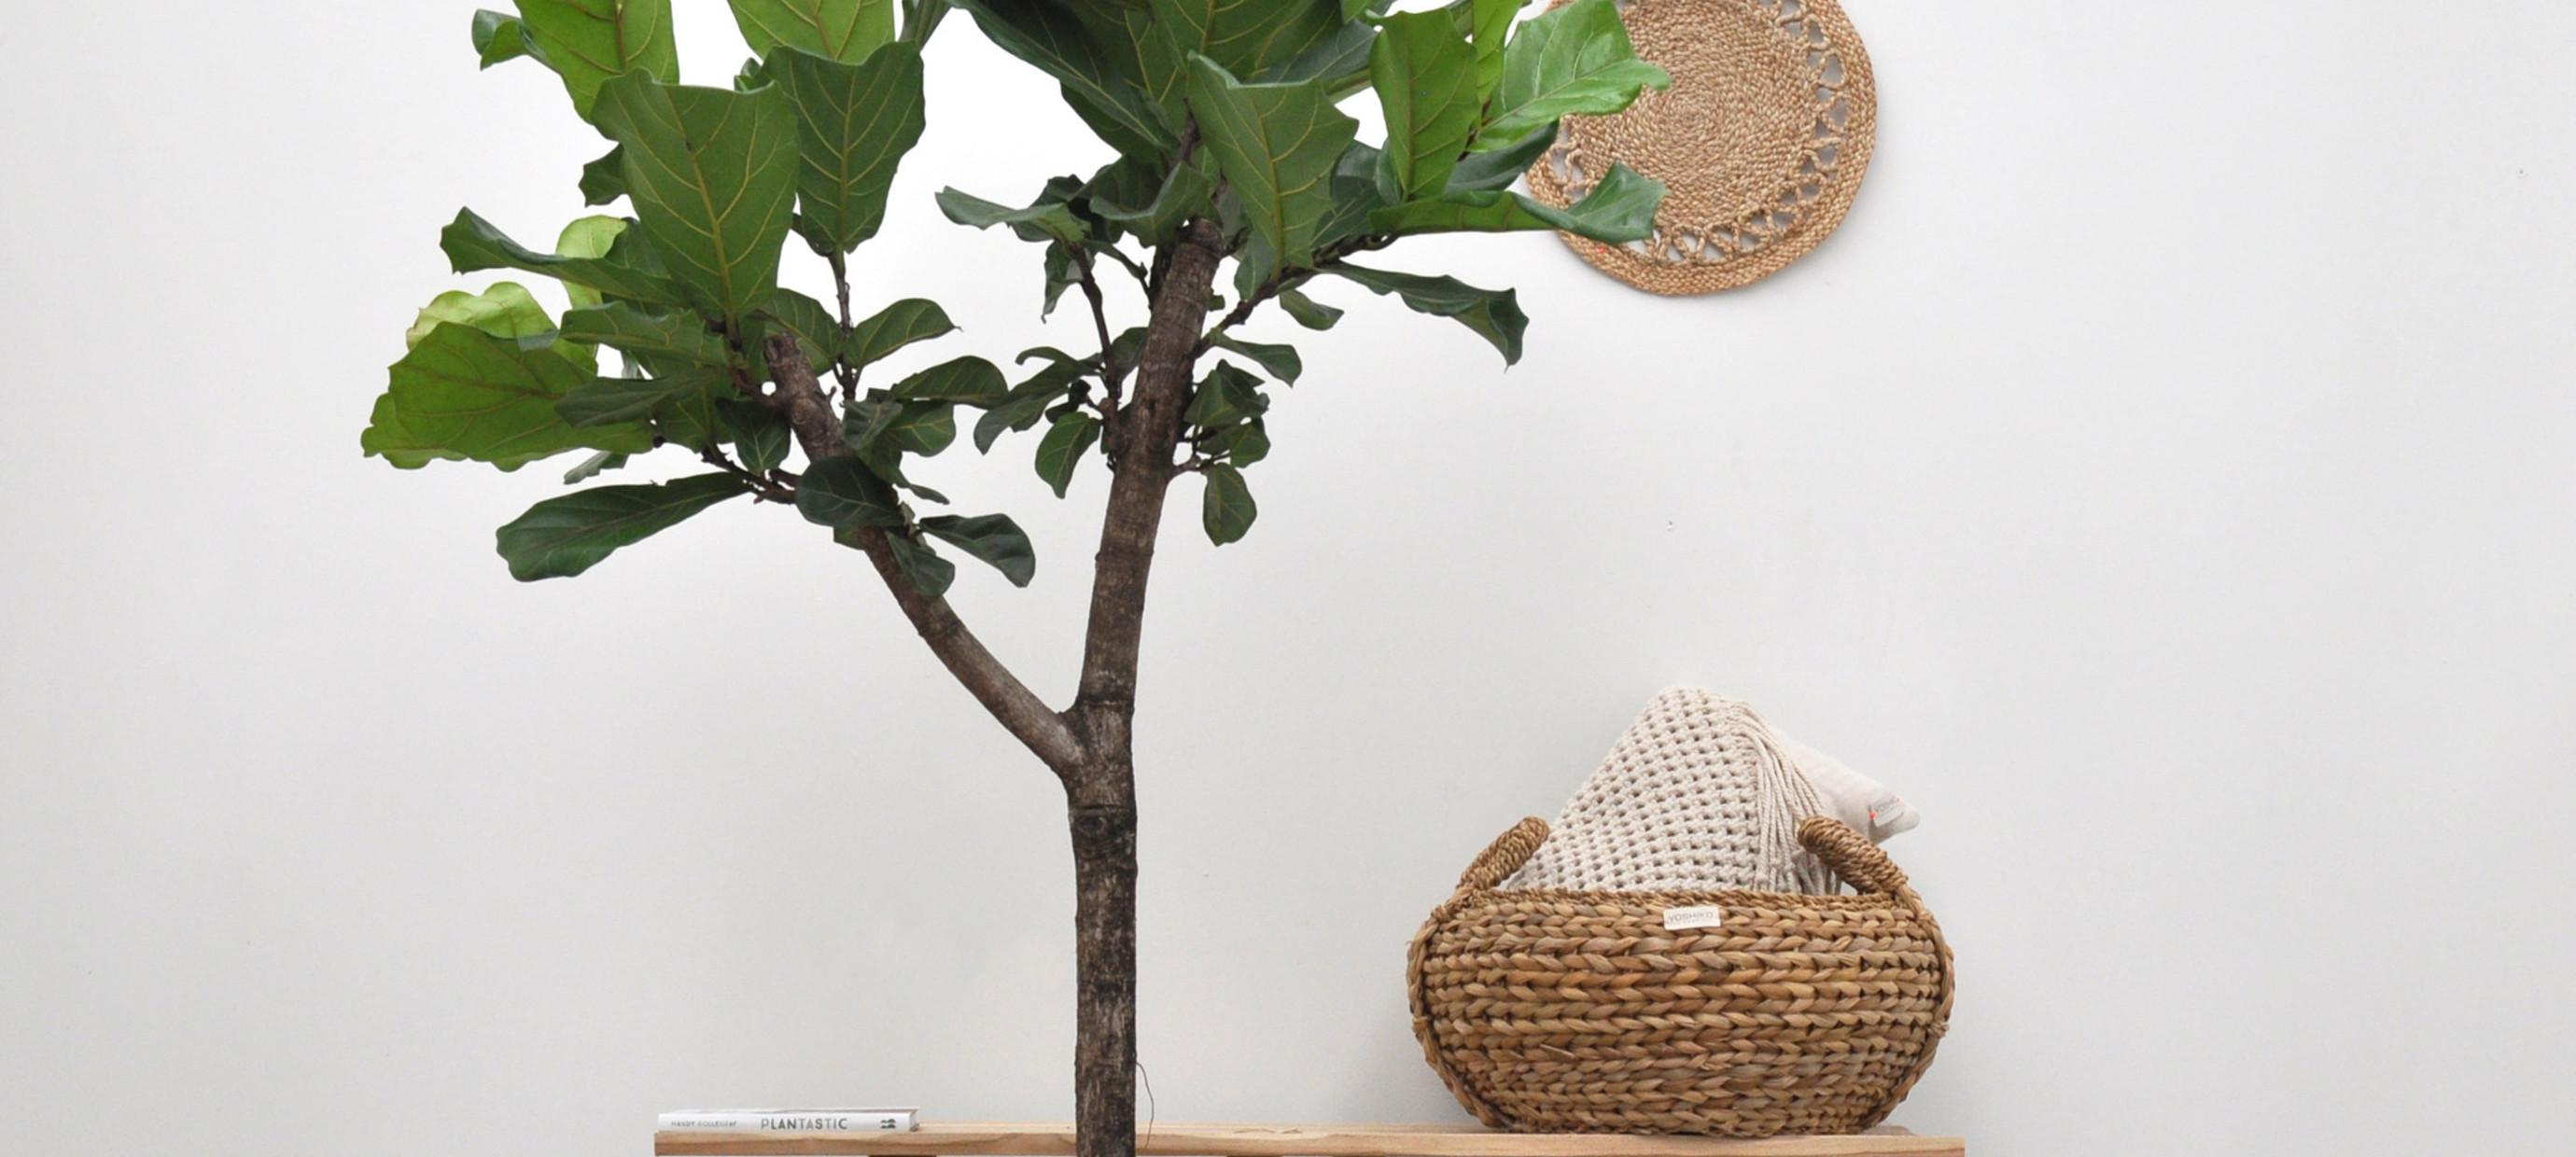 Hoe stek ik mijn Ficus